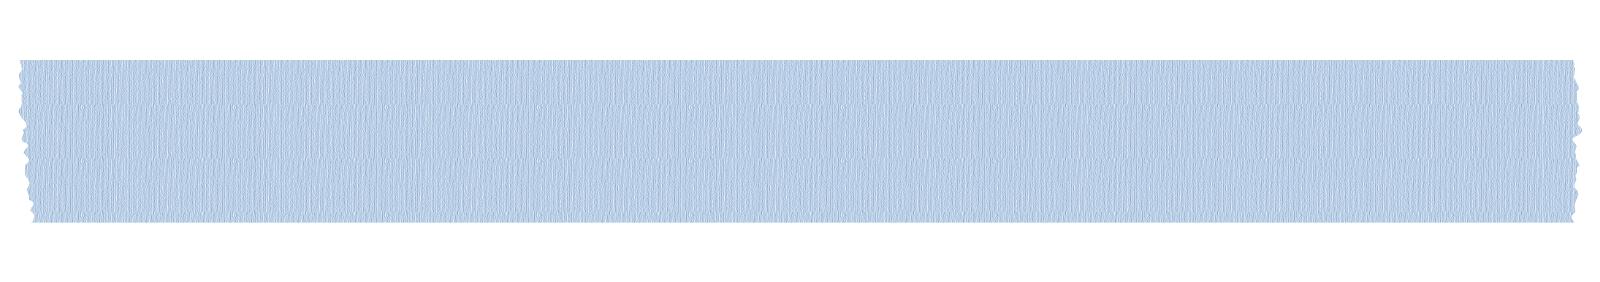 長く切った青いマスキングテープ